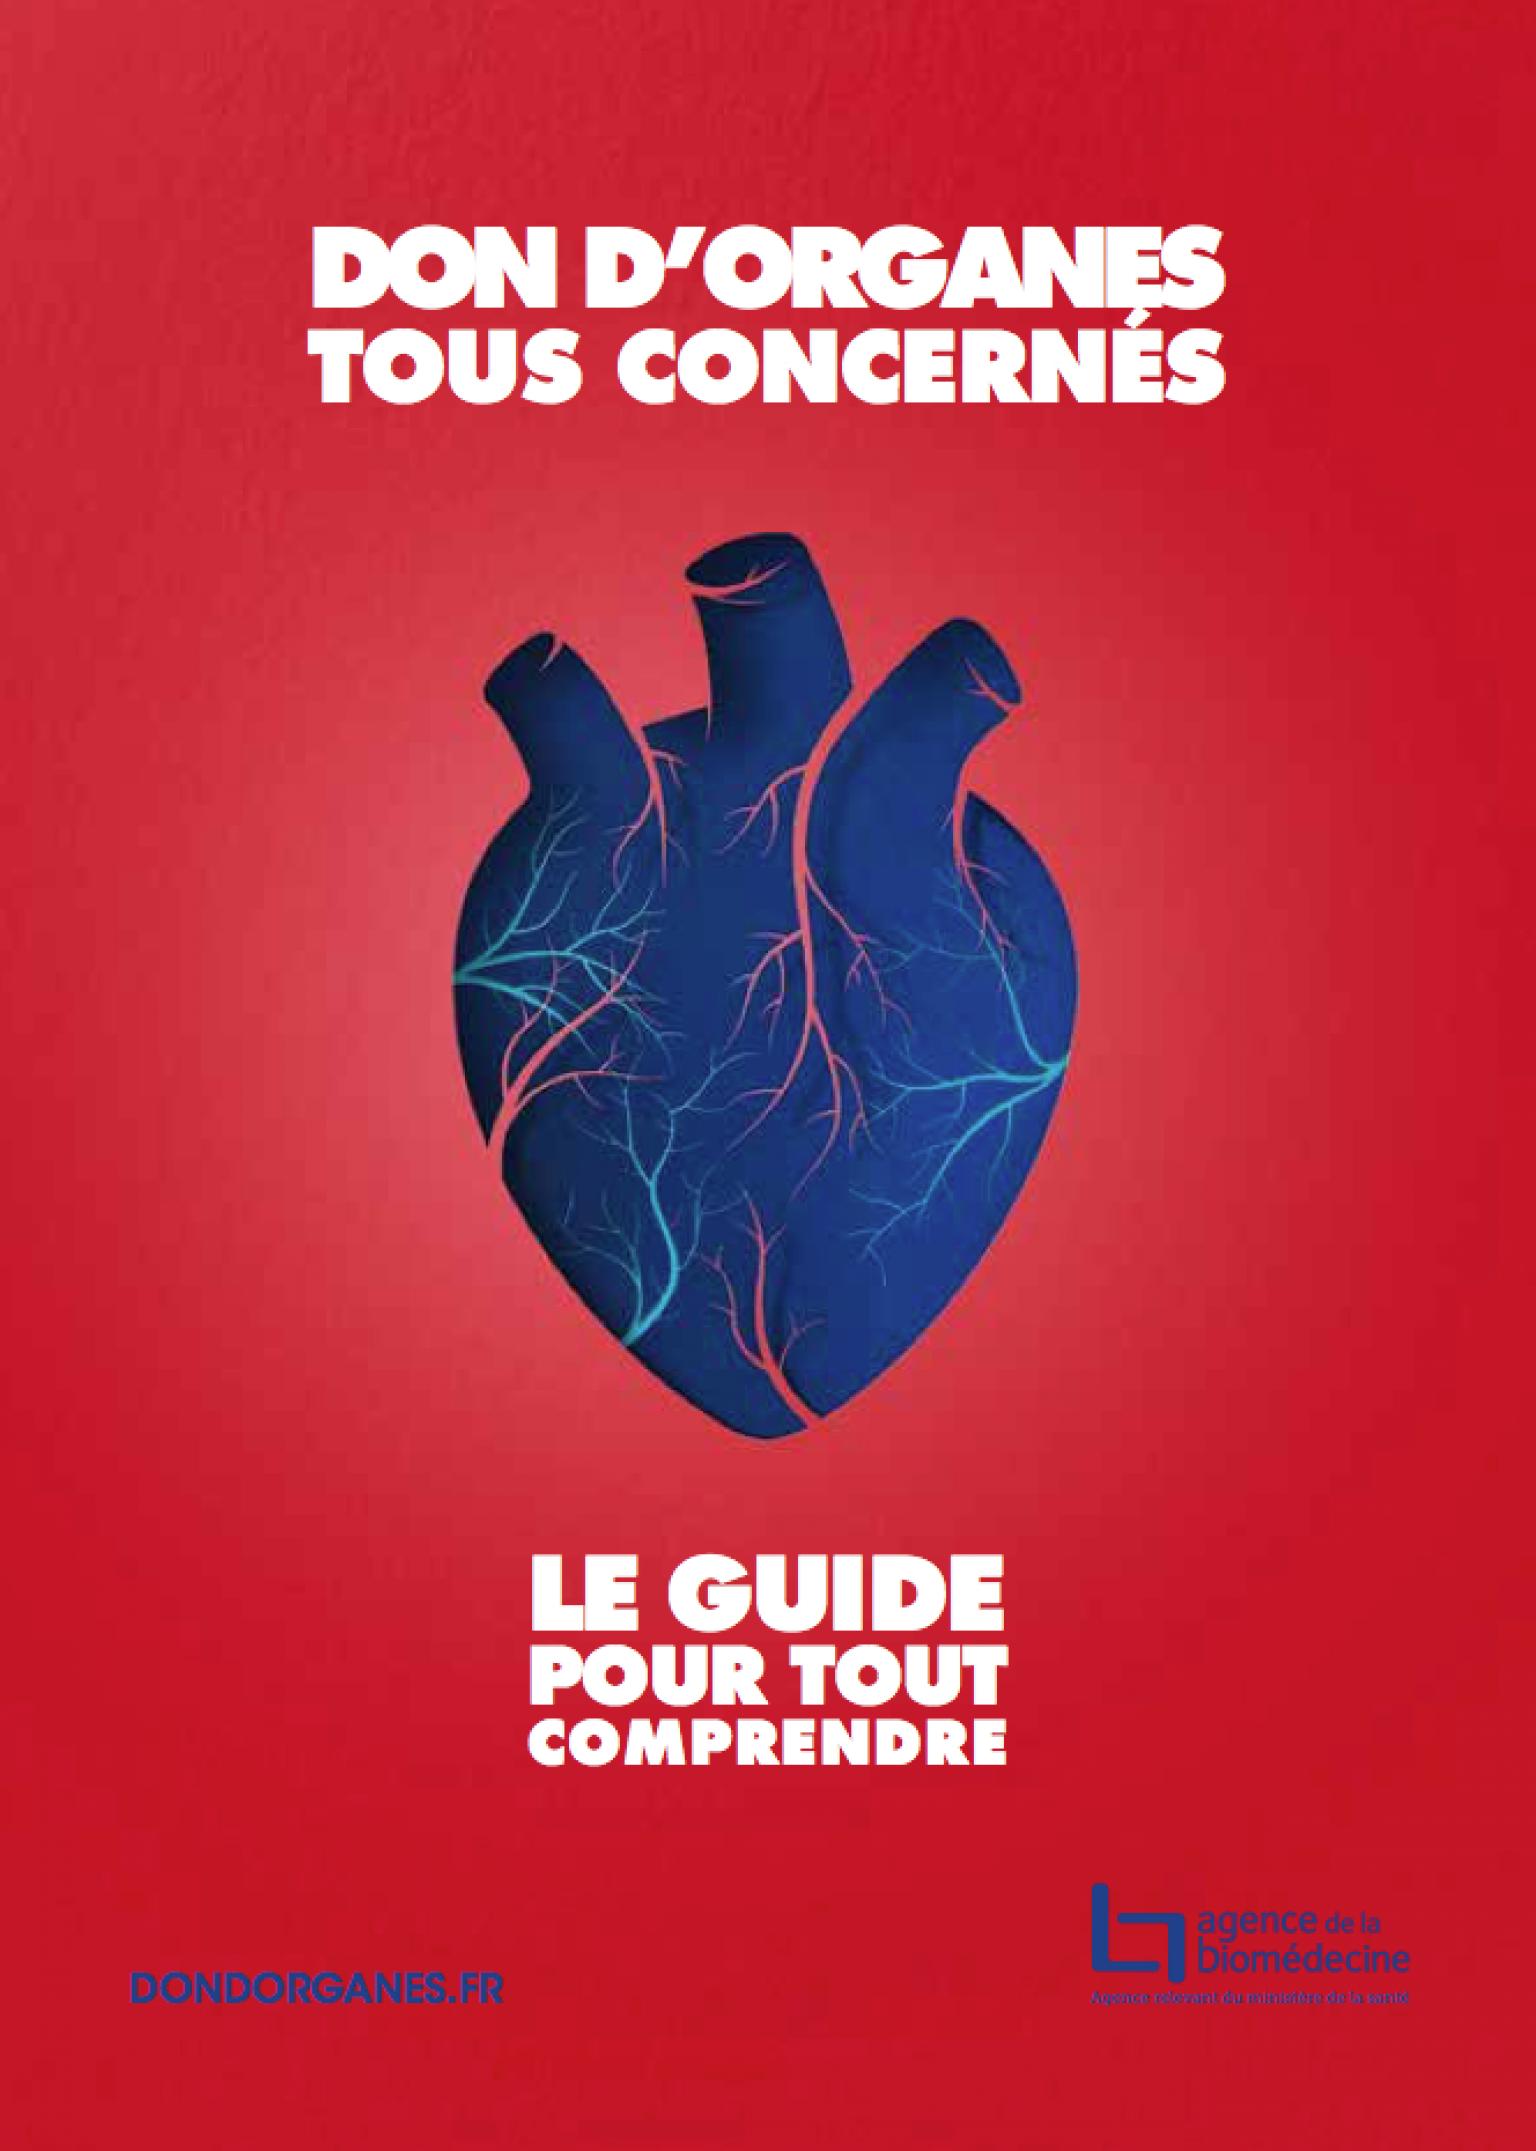 Comment fonctionne le don d'organes ?